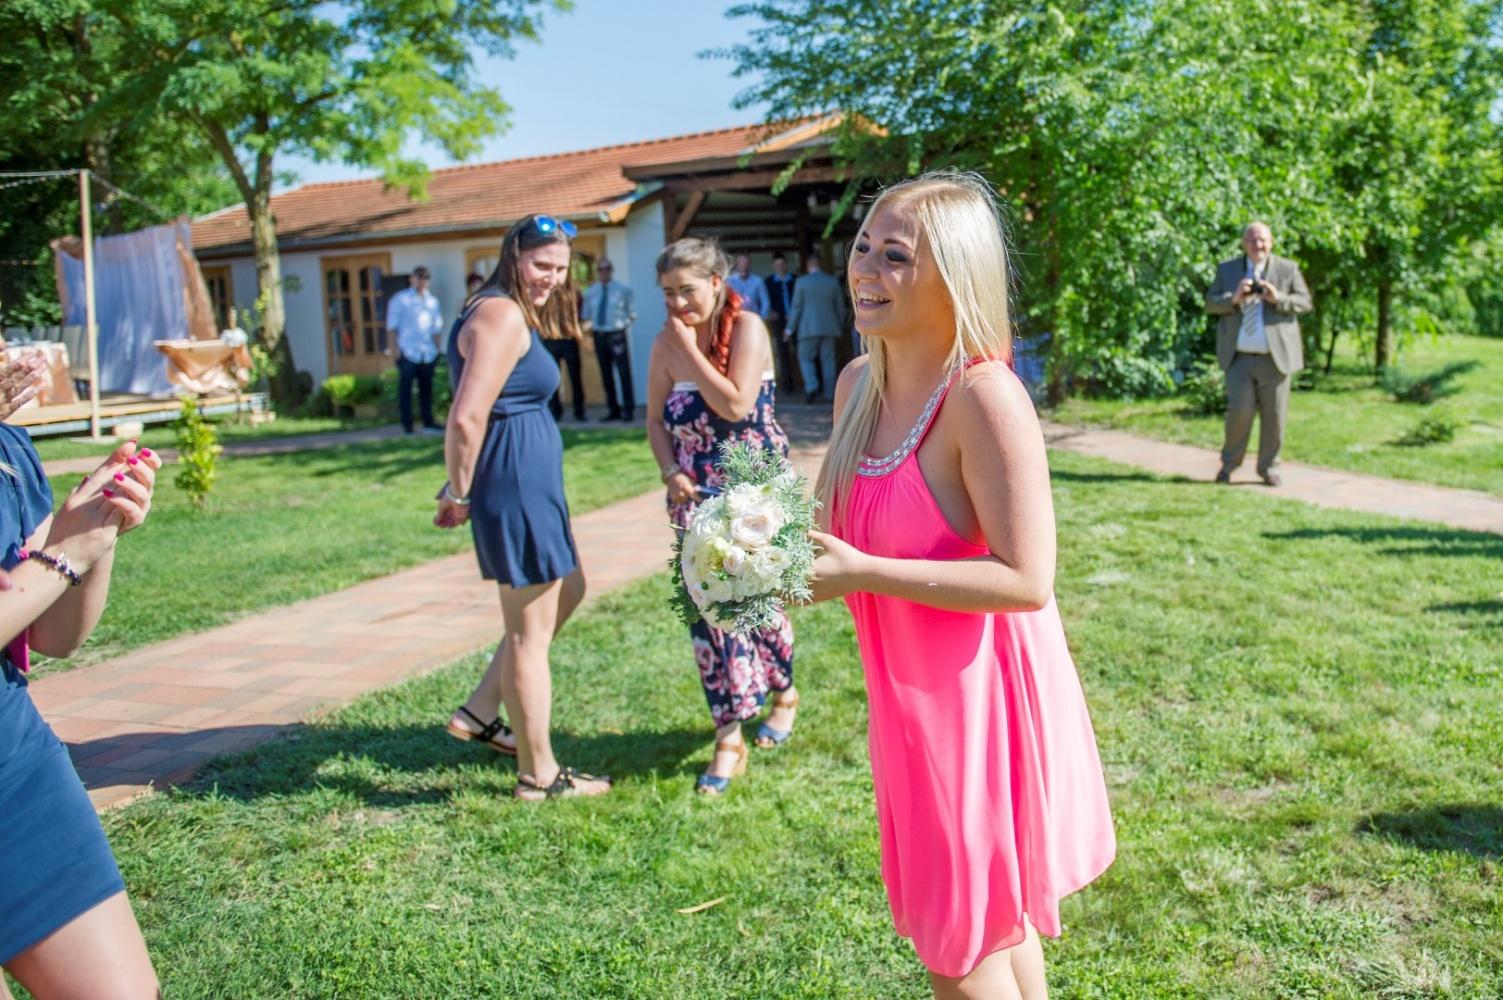 http://www.fotoz.sk/images/gallery-22/normal/eskuvoi-fotos_svadobny-fotograf_469.jpg